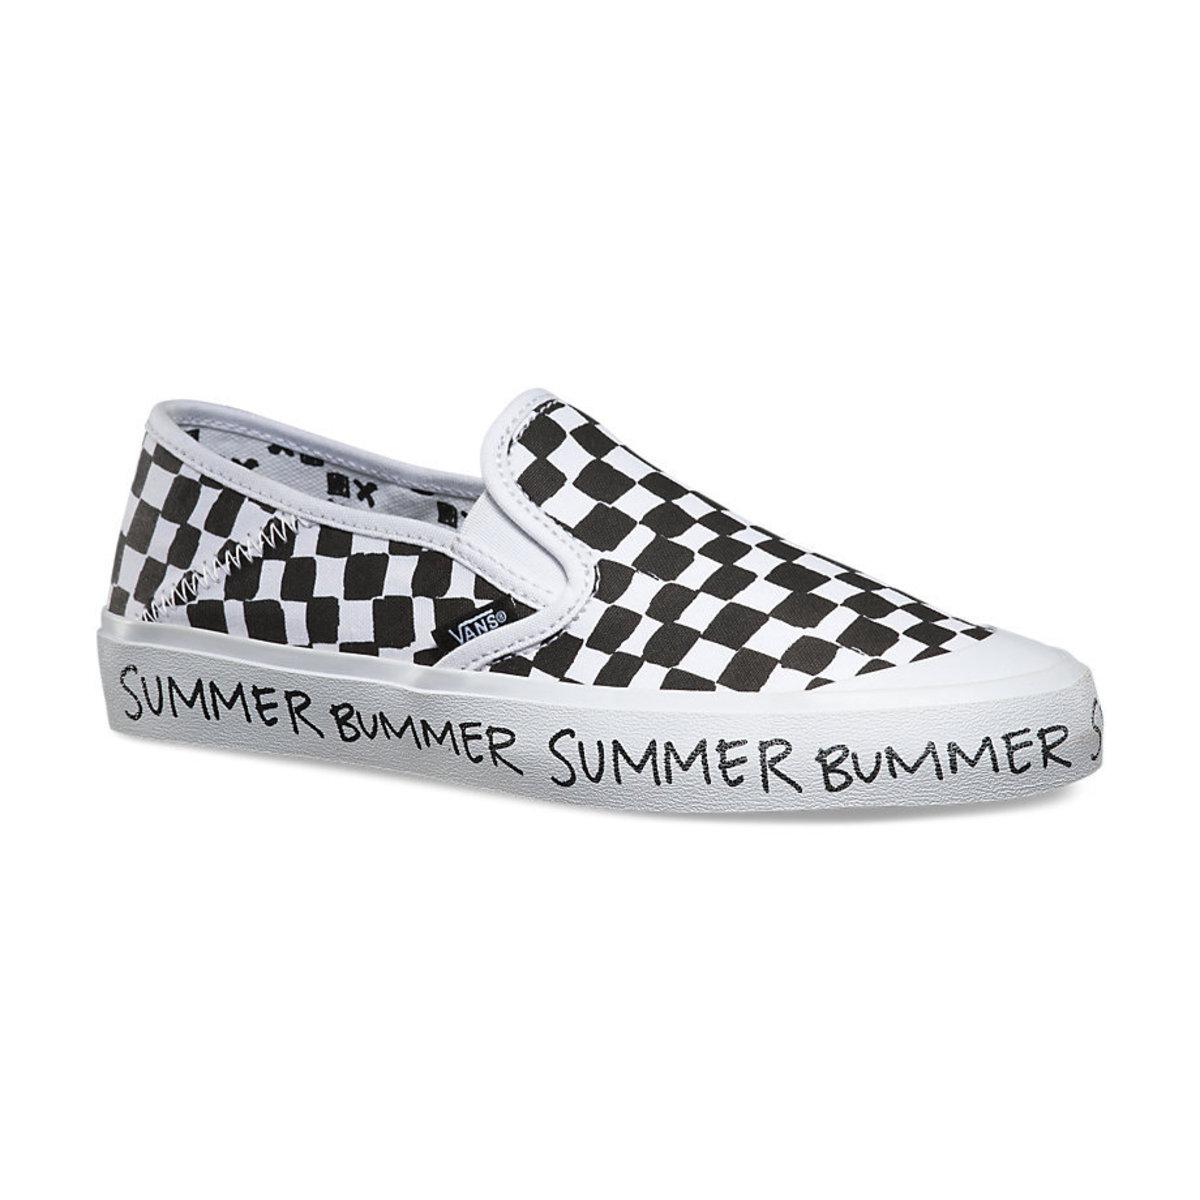 boty dámské VANS - Slip-On (Summer Bummer) Checkeboard - V19SIK0